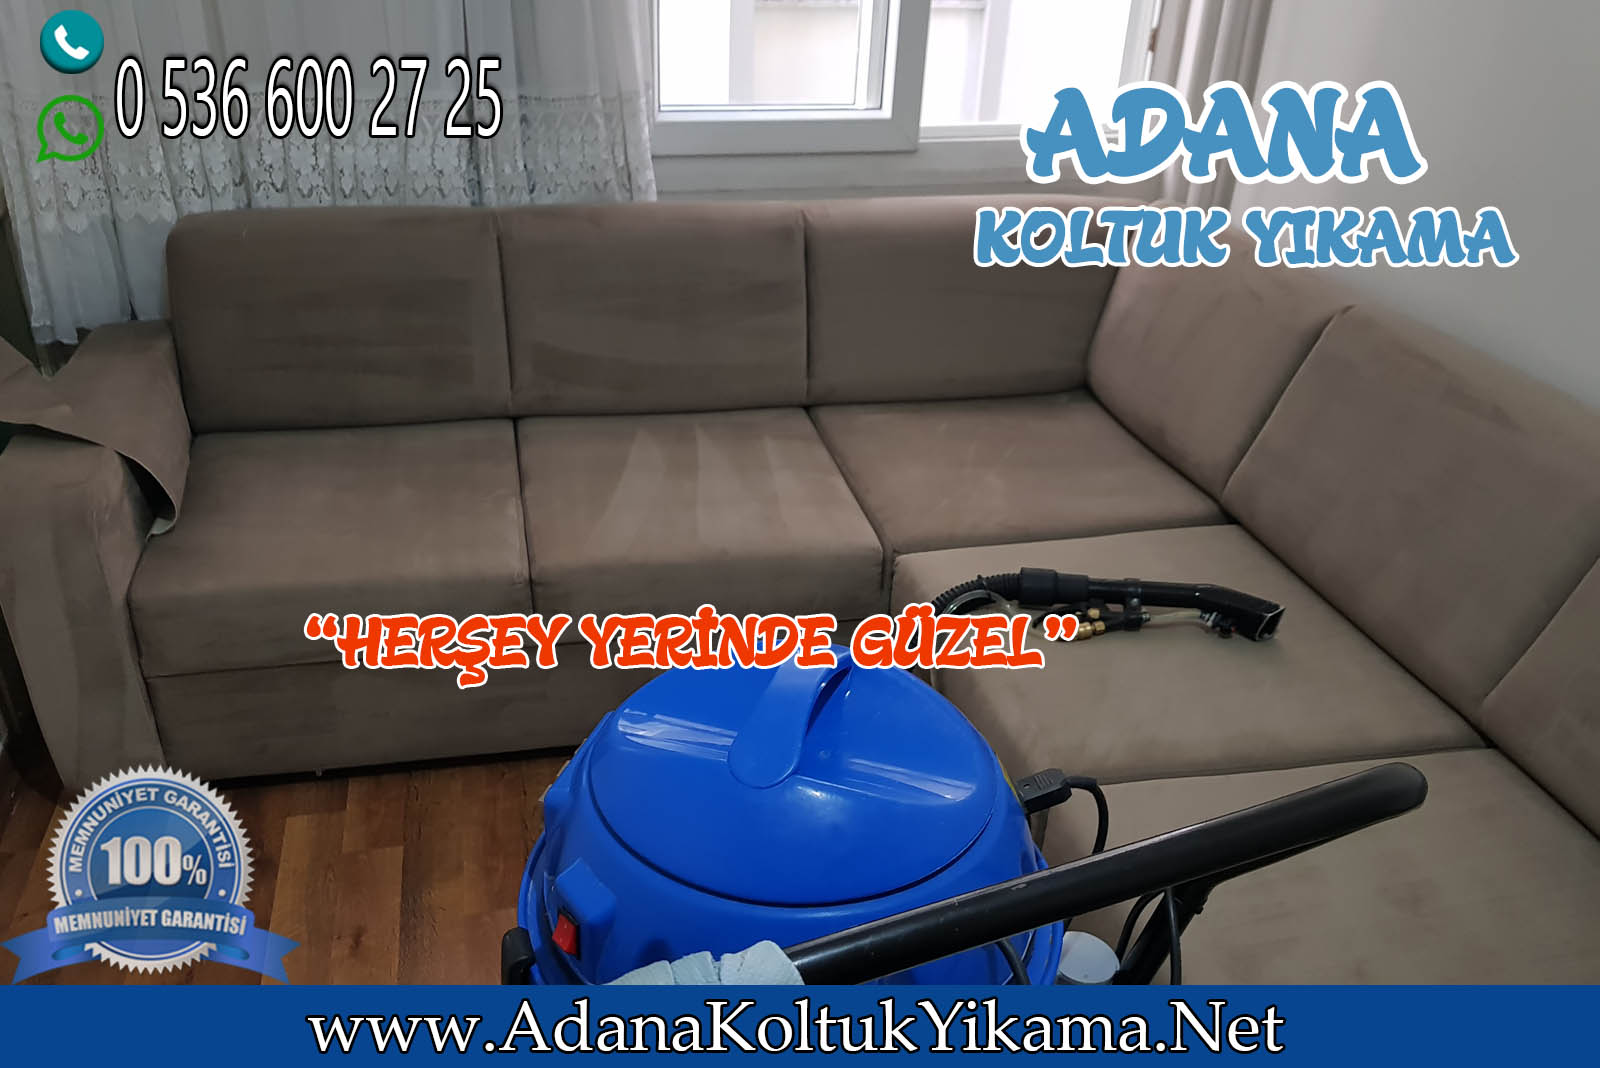 Adana Seyhan Koltuk Yıkama + Atatürk Caddesi + L Koltuk Yıkama